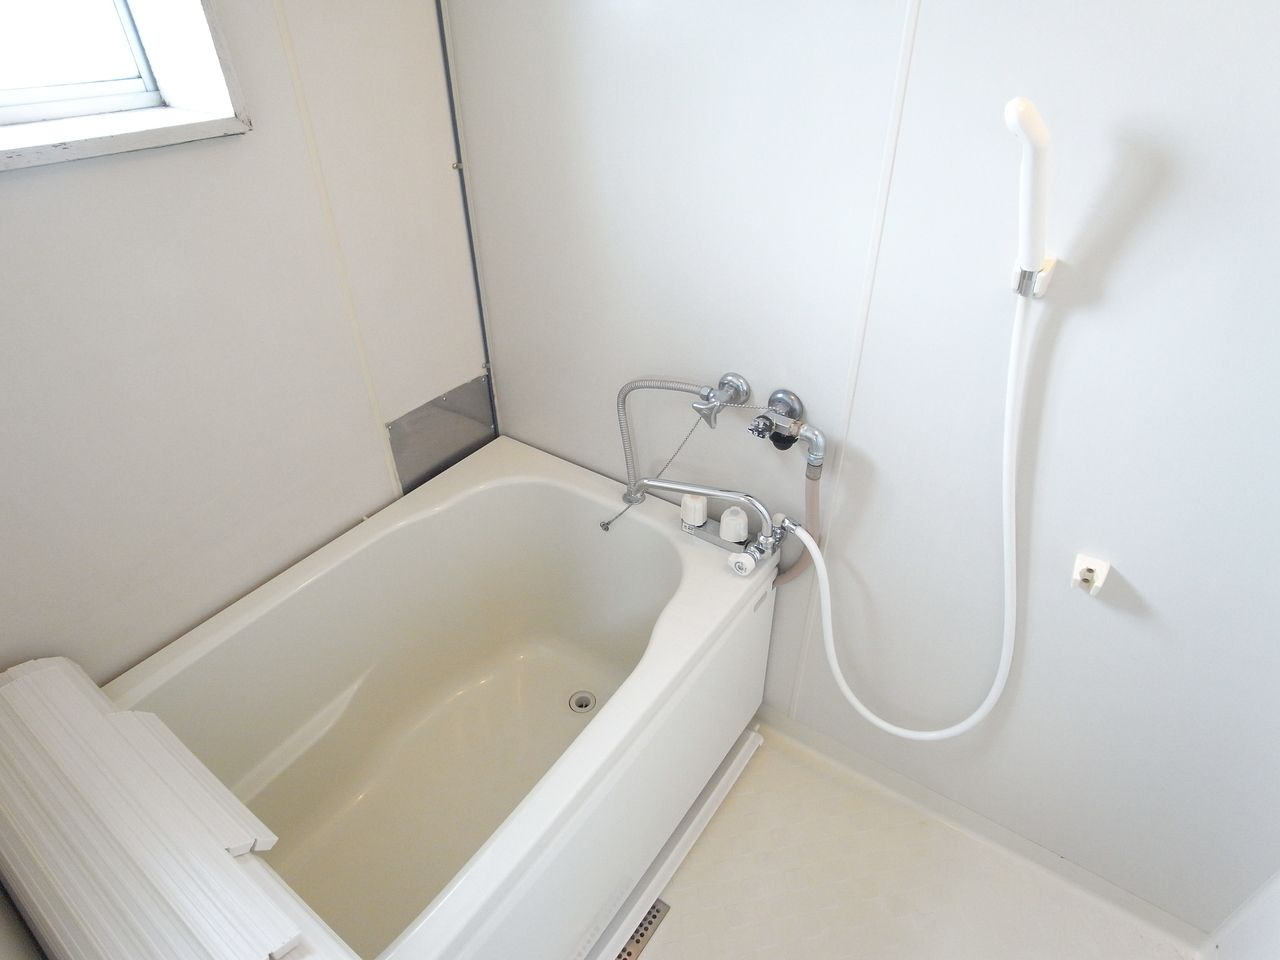 浴槽のフタつき